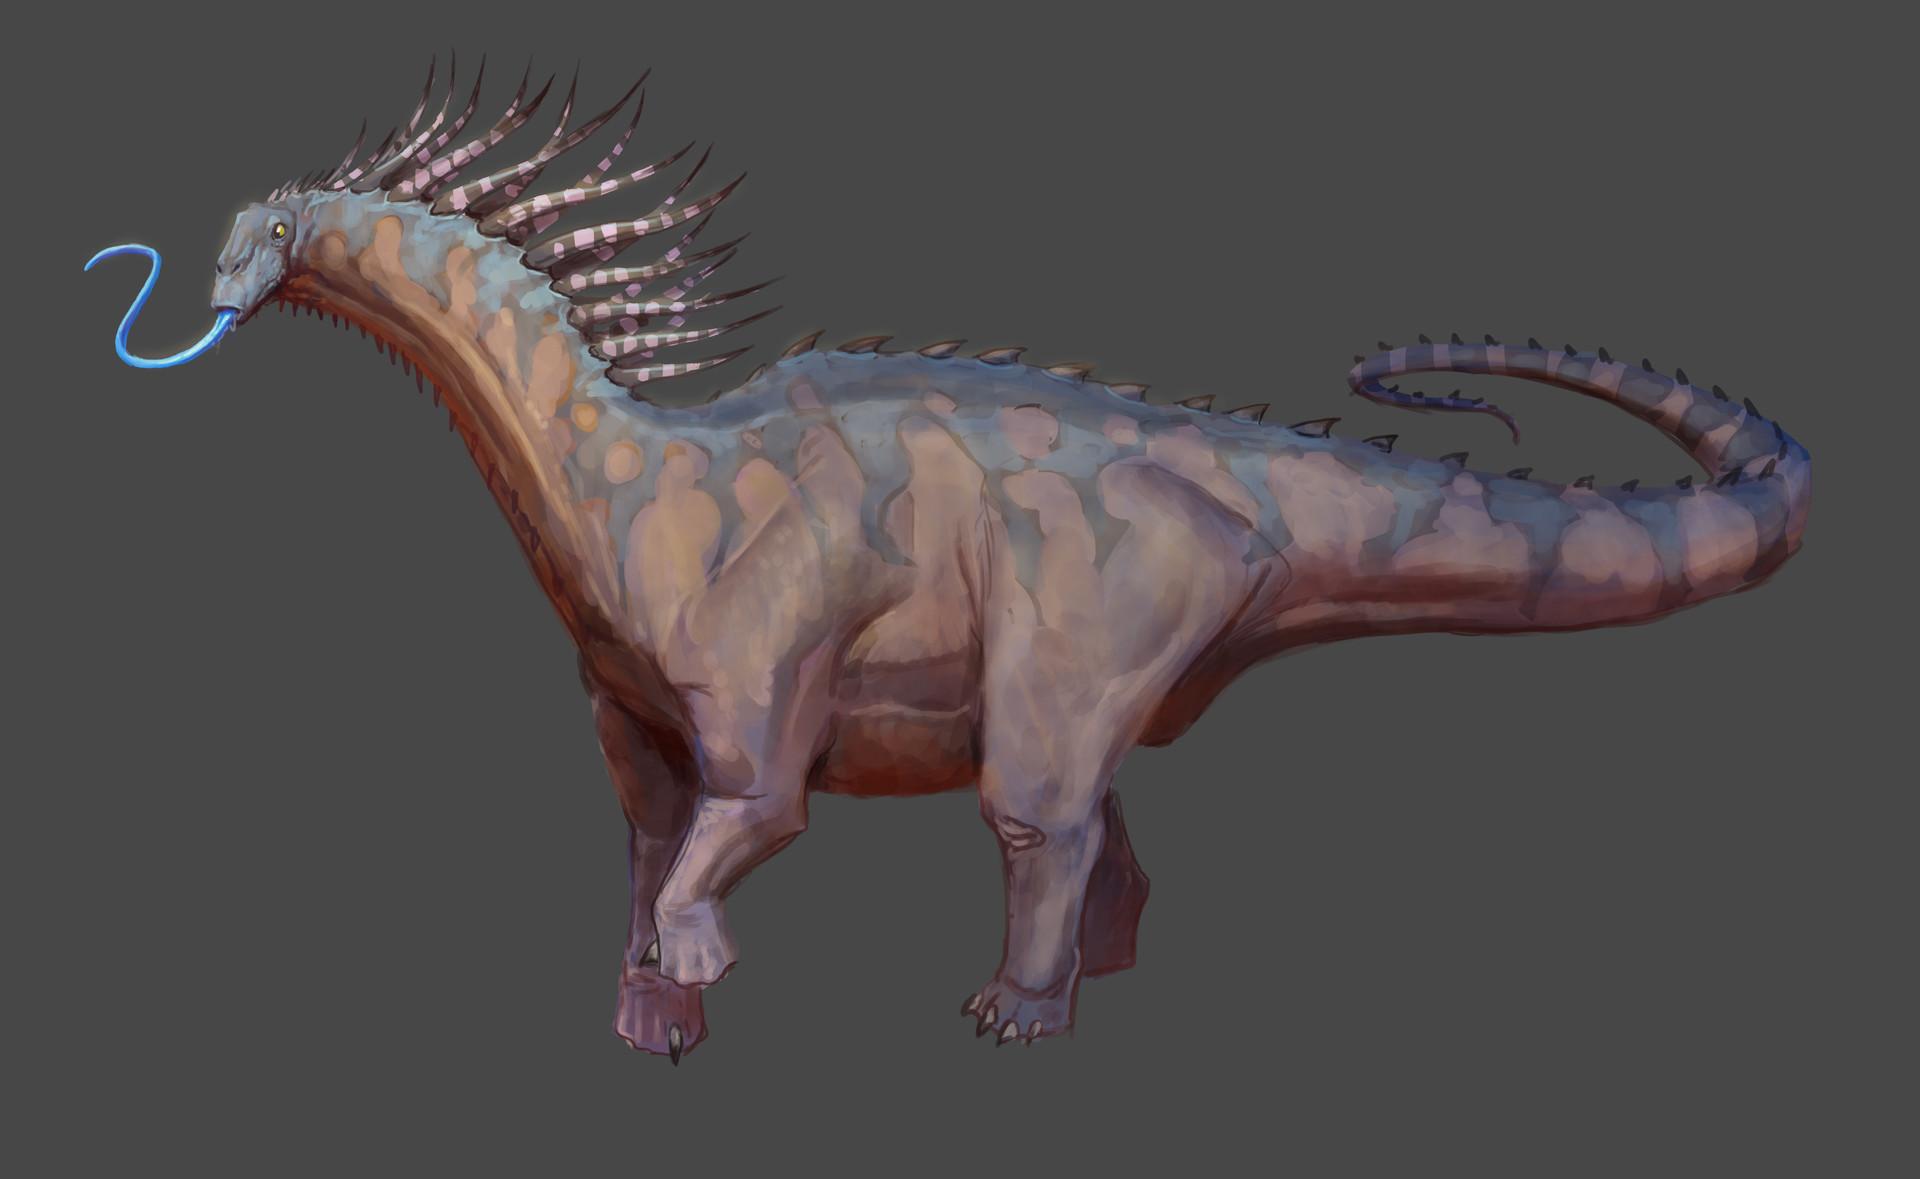 Pablo rivera amargasaurus